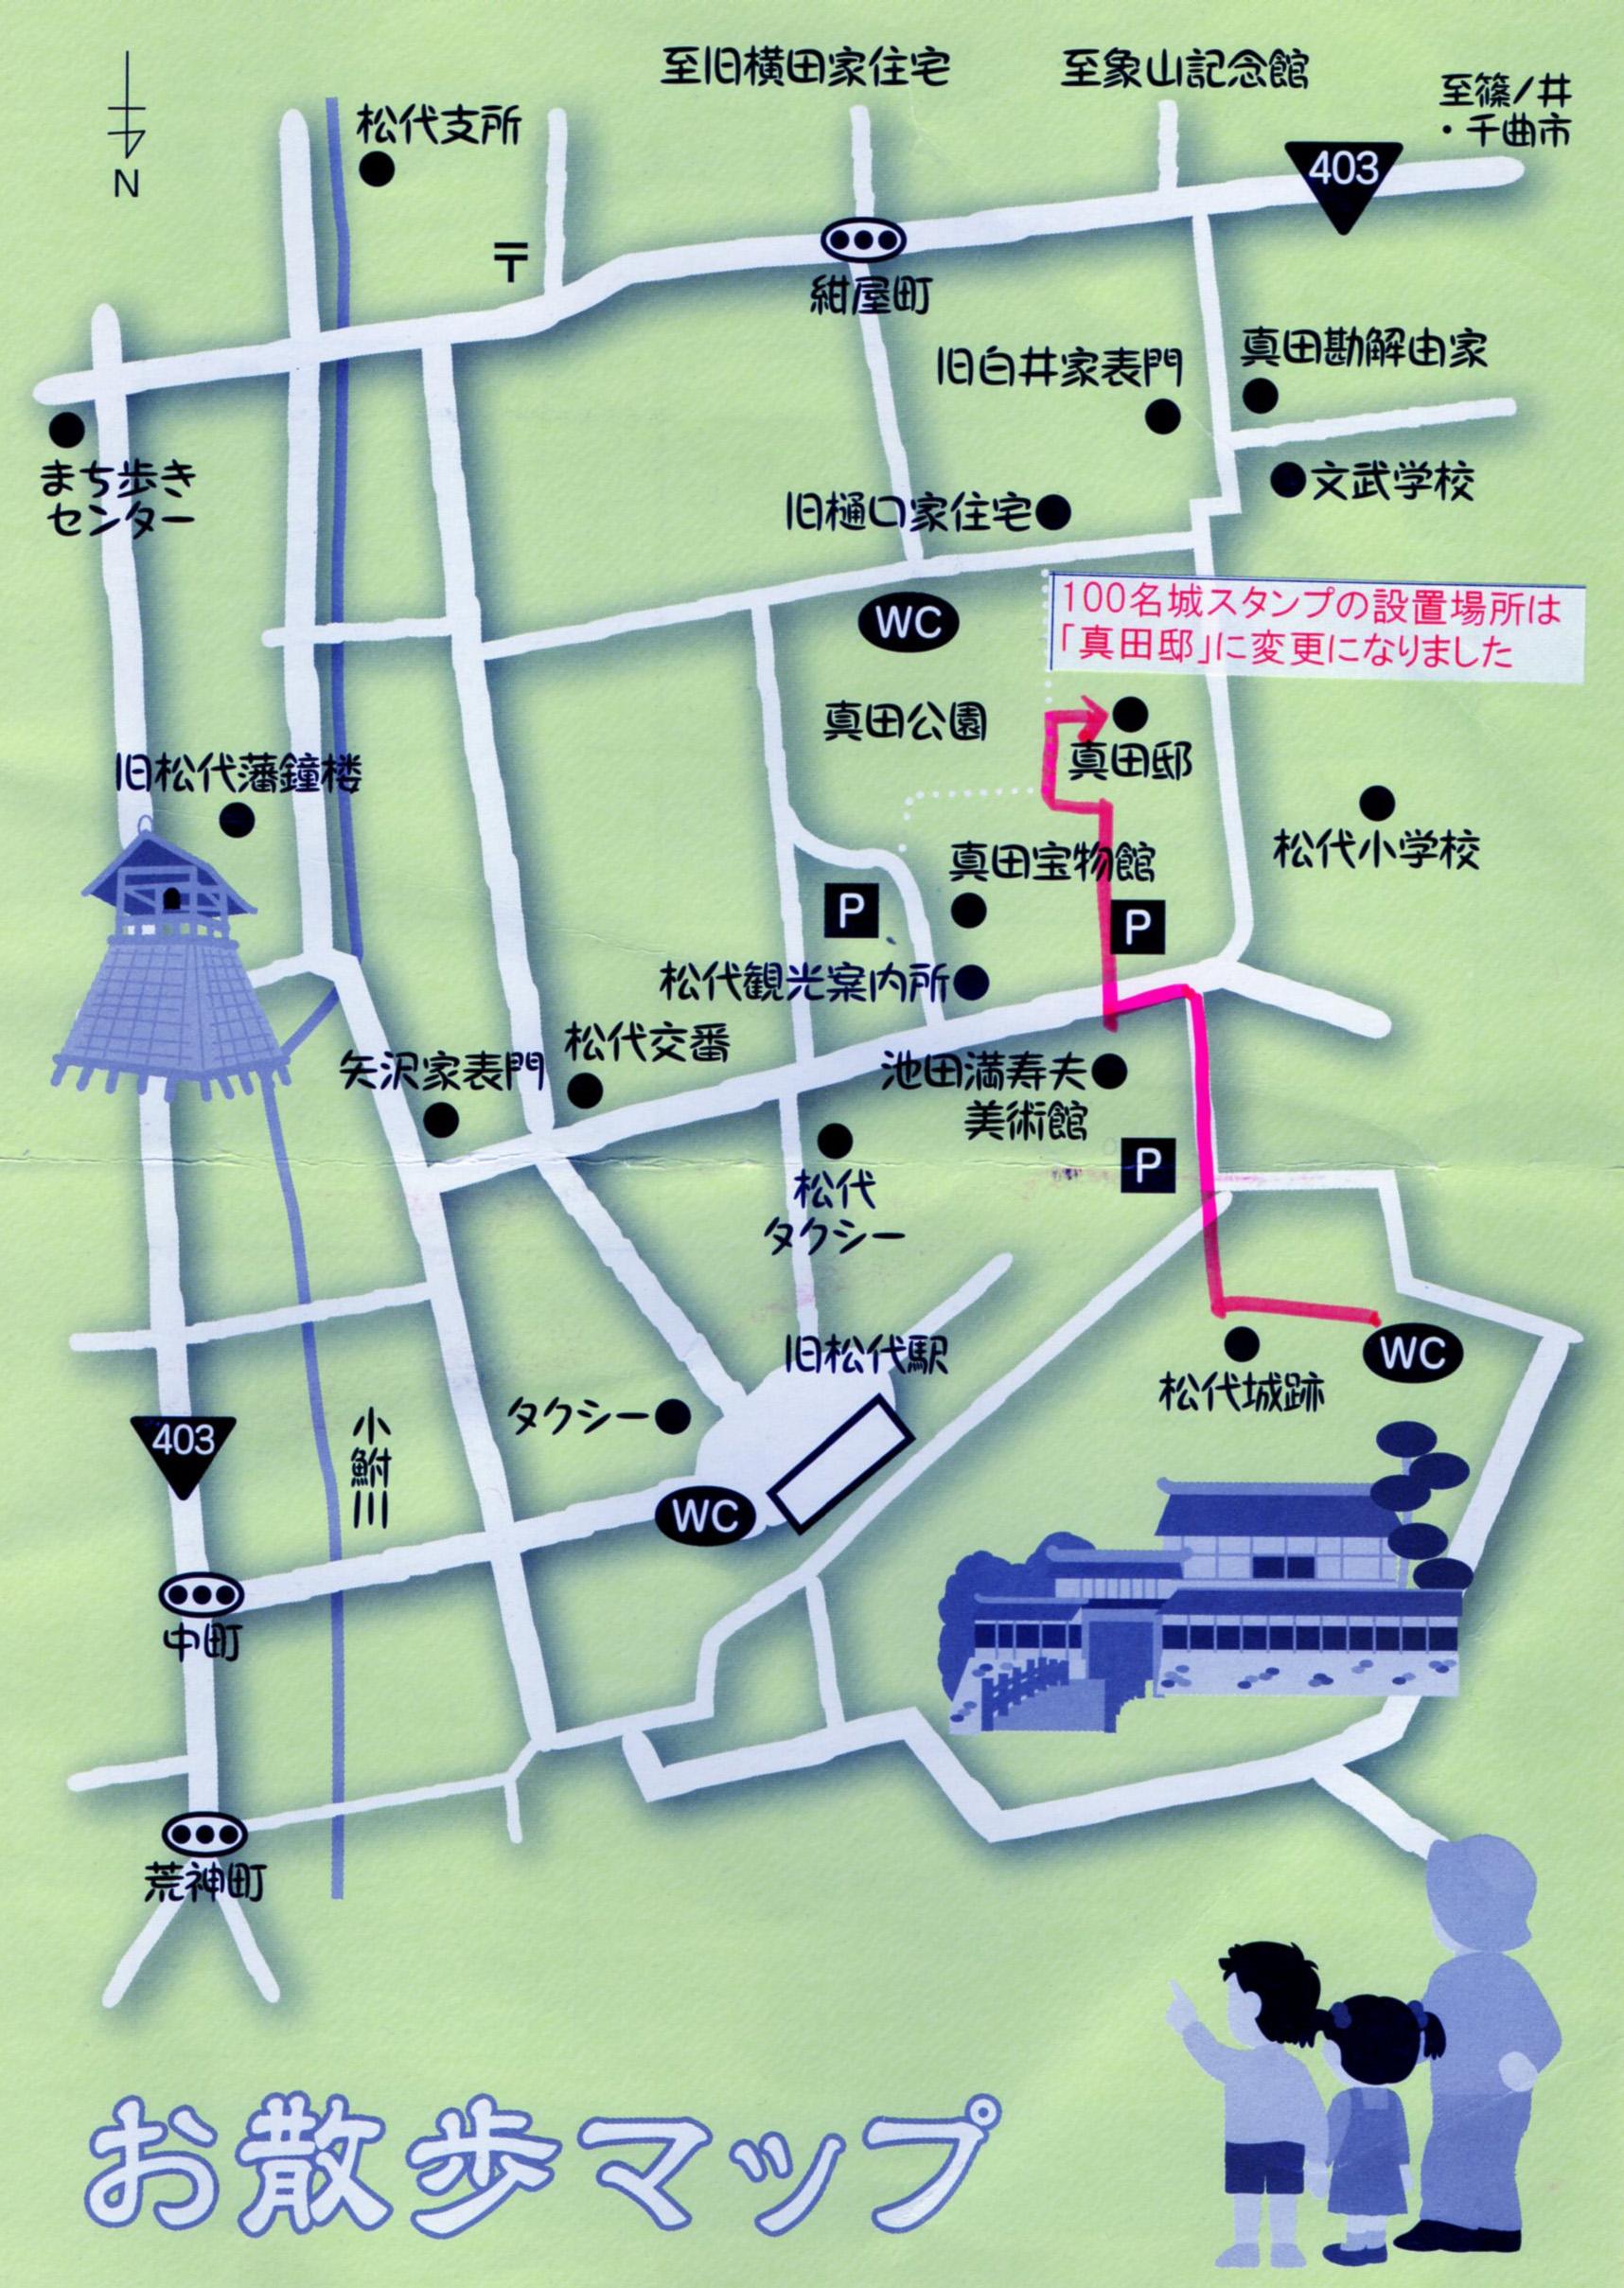 松代城のスタンプ移動